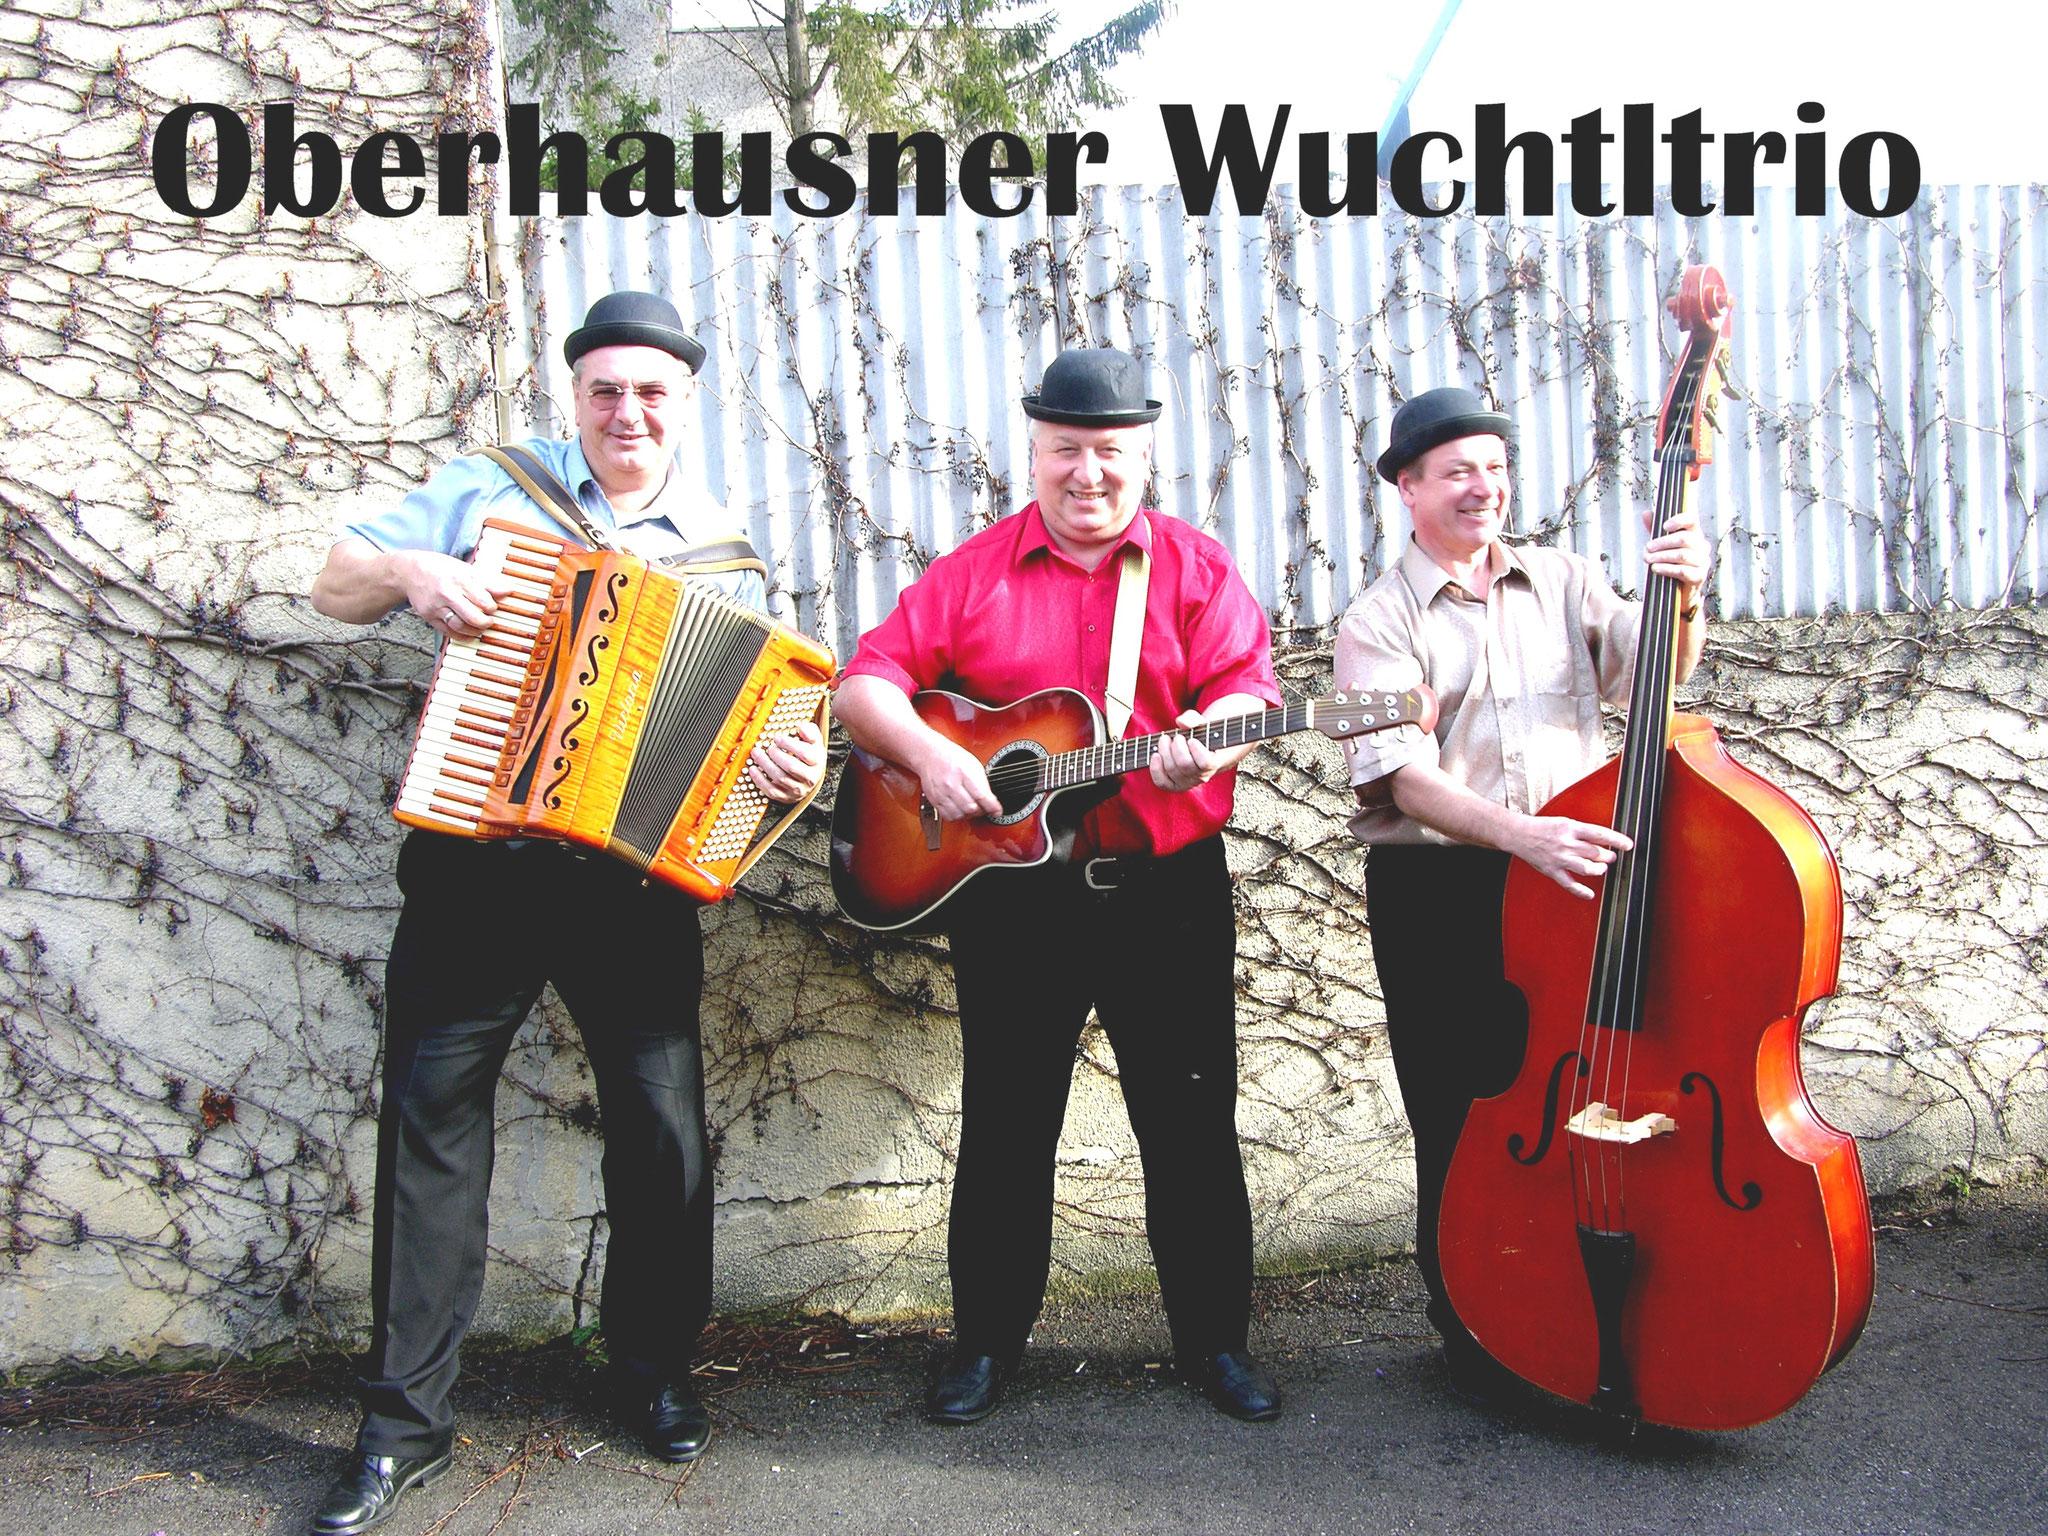 Oberhausner Wuchtltrio